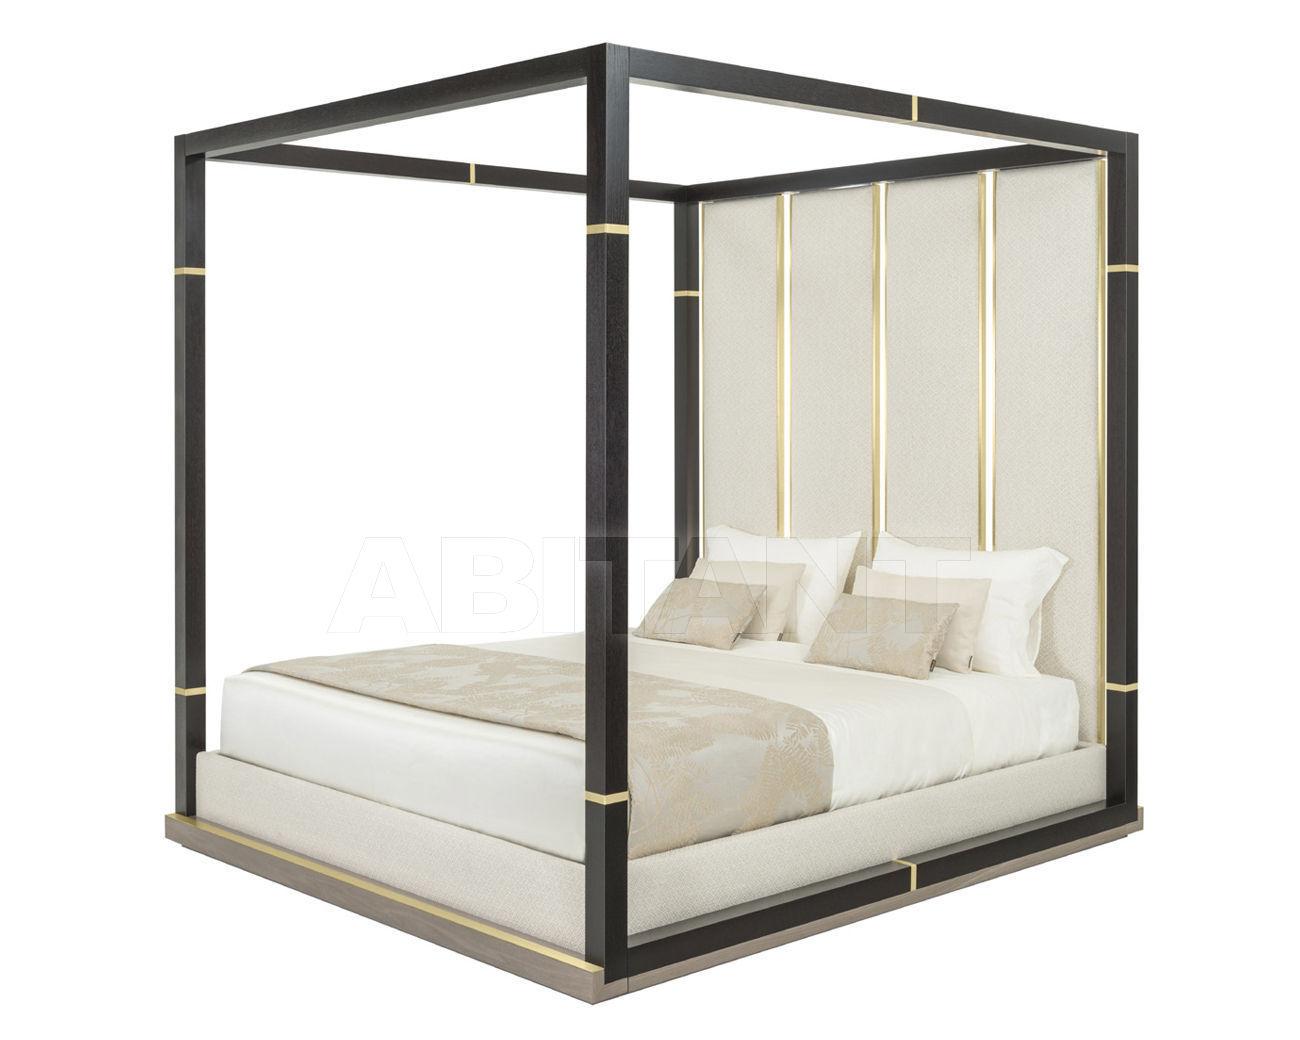 Купить Кровать ANTIBES Frato 2018 FFU010007AAA